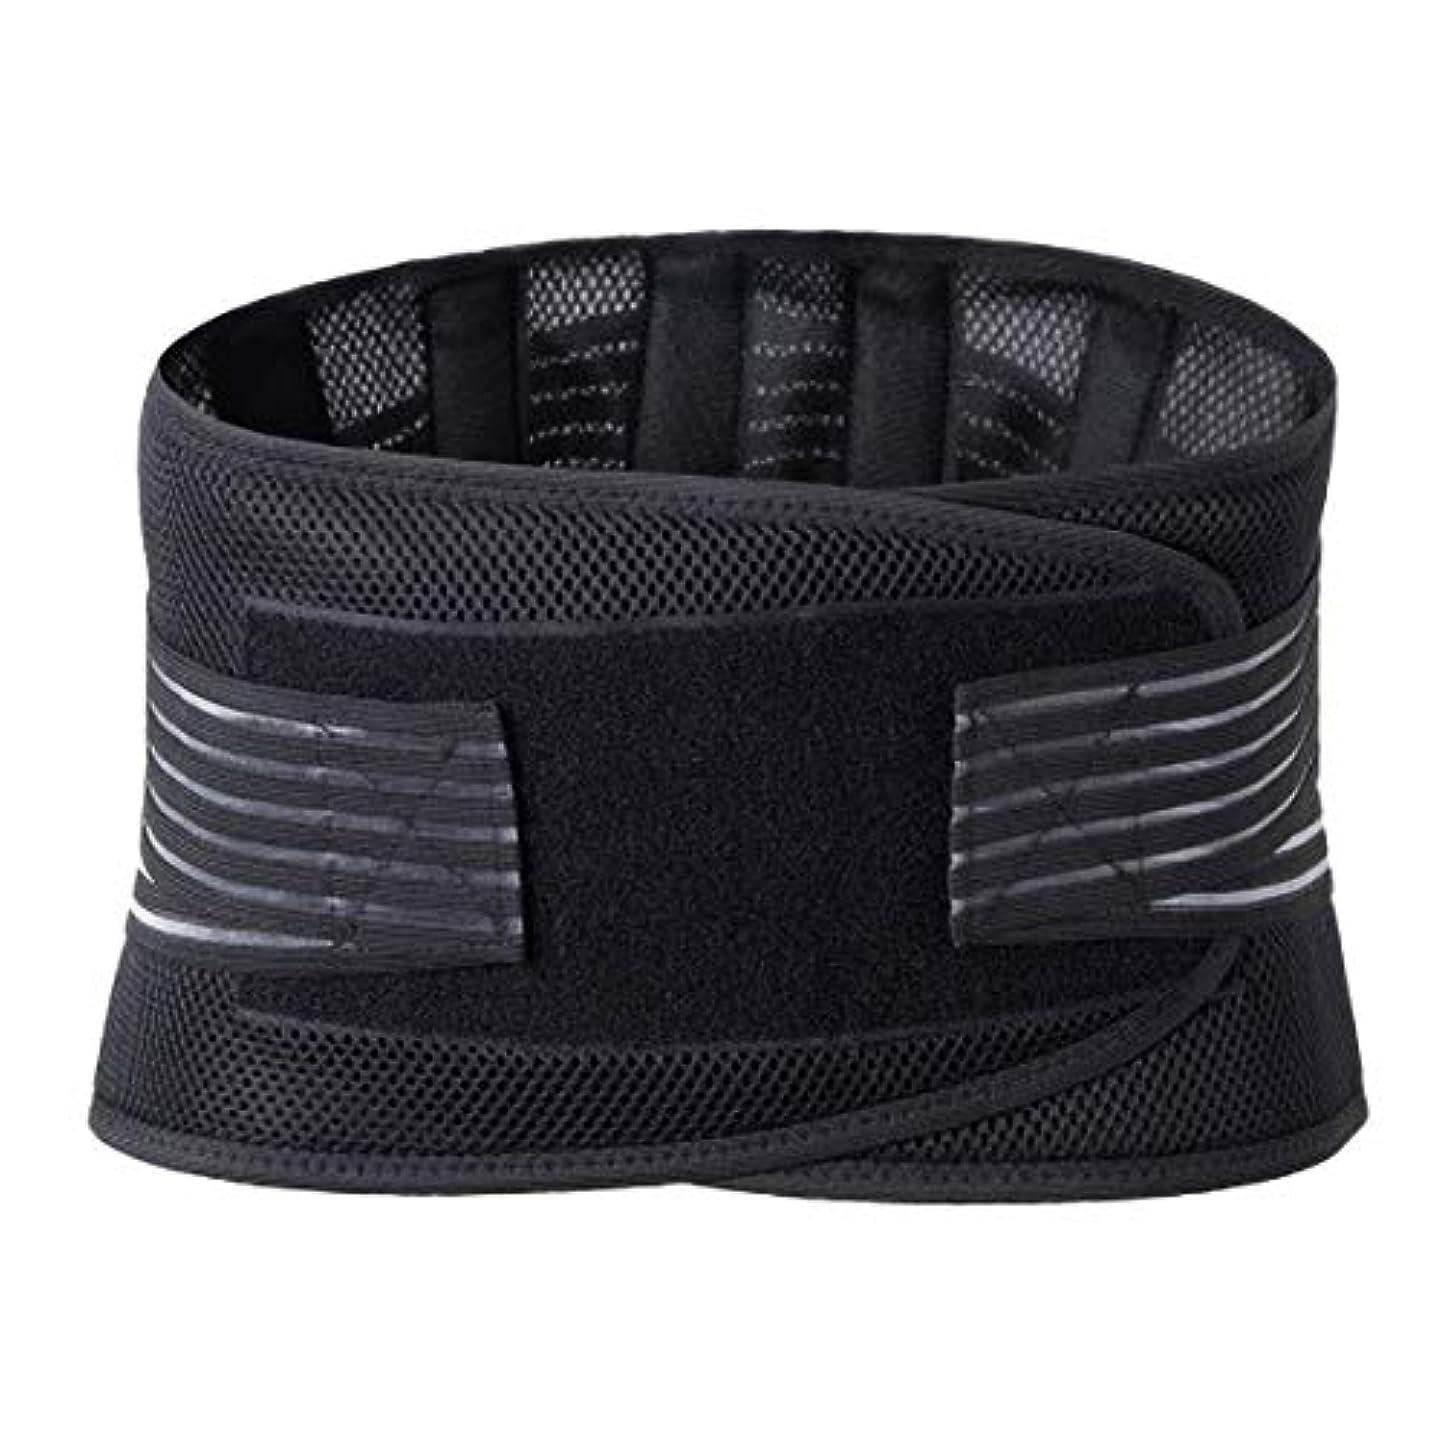 かご選ぶ彼らはランバーウエストサポートバックブレースベルトウエストサポートブレースフィットネススポーツ保護姿勢コレクター再構築 - ブラック